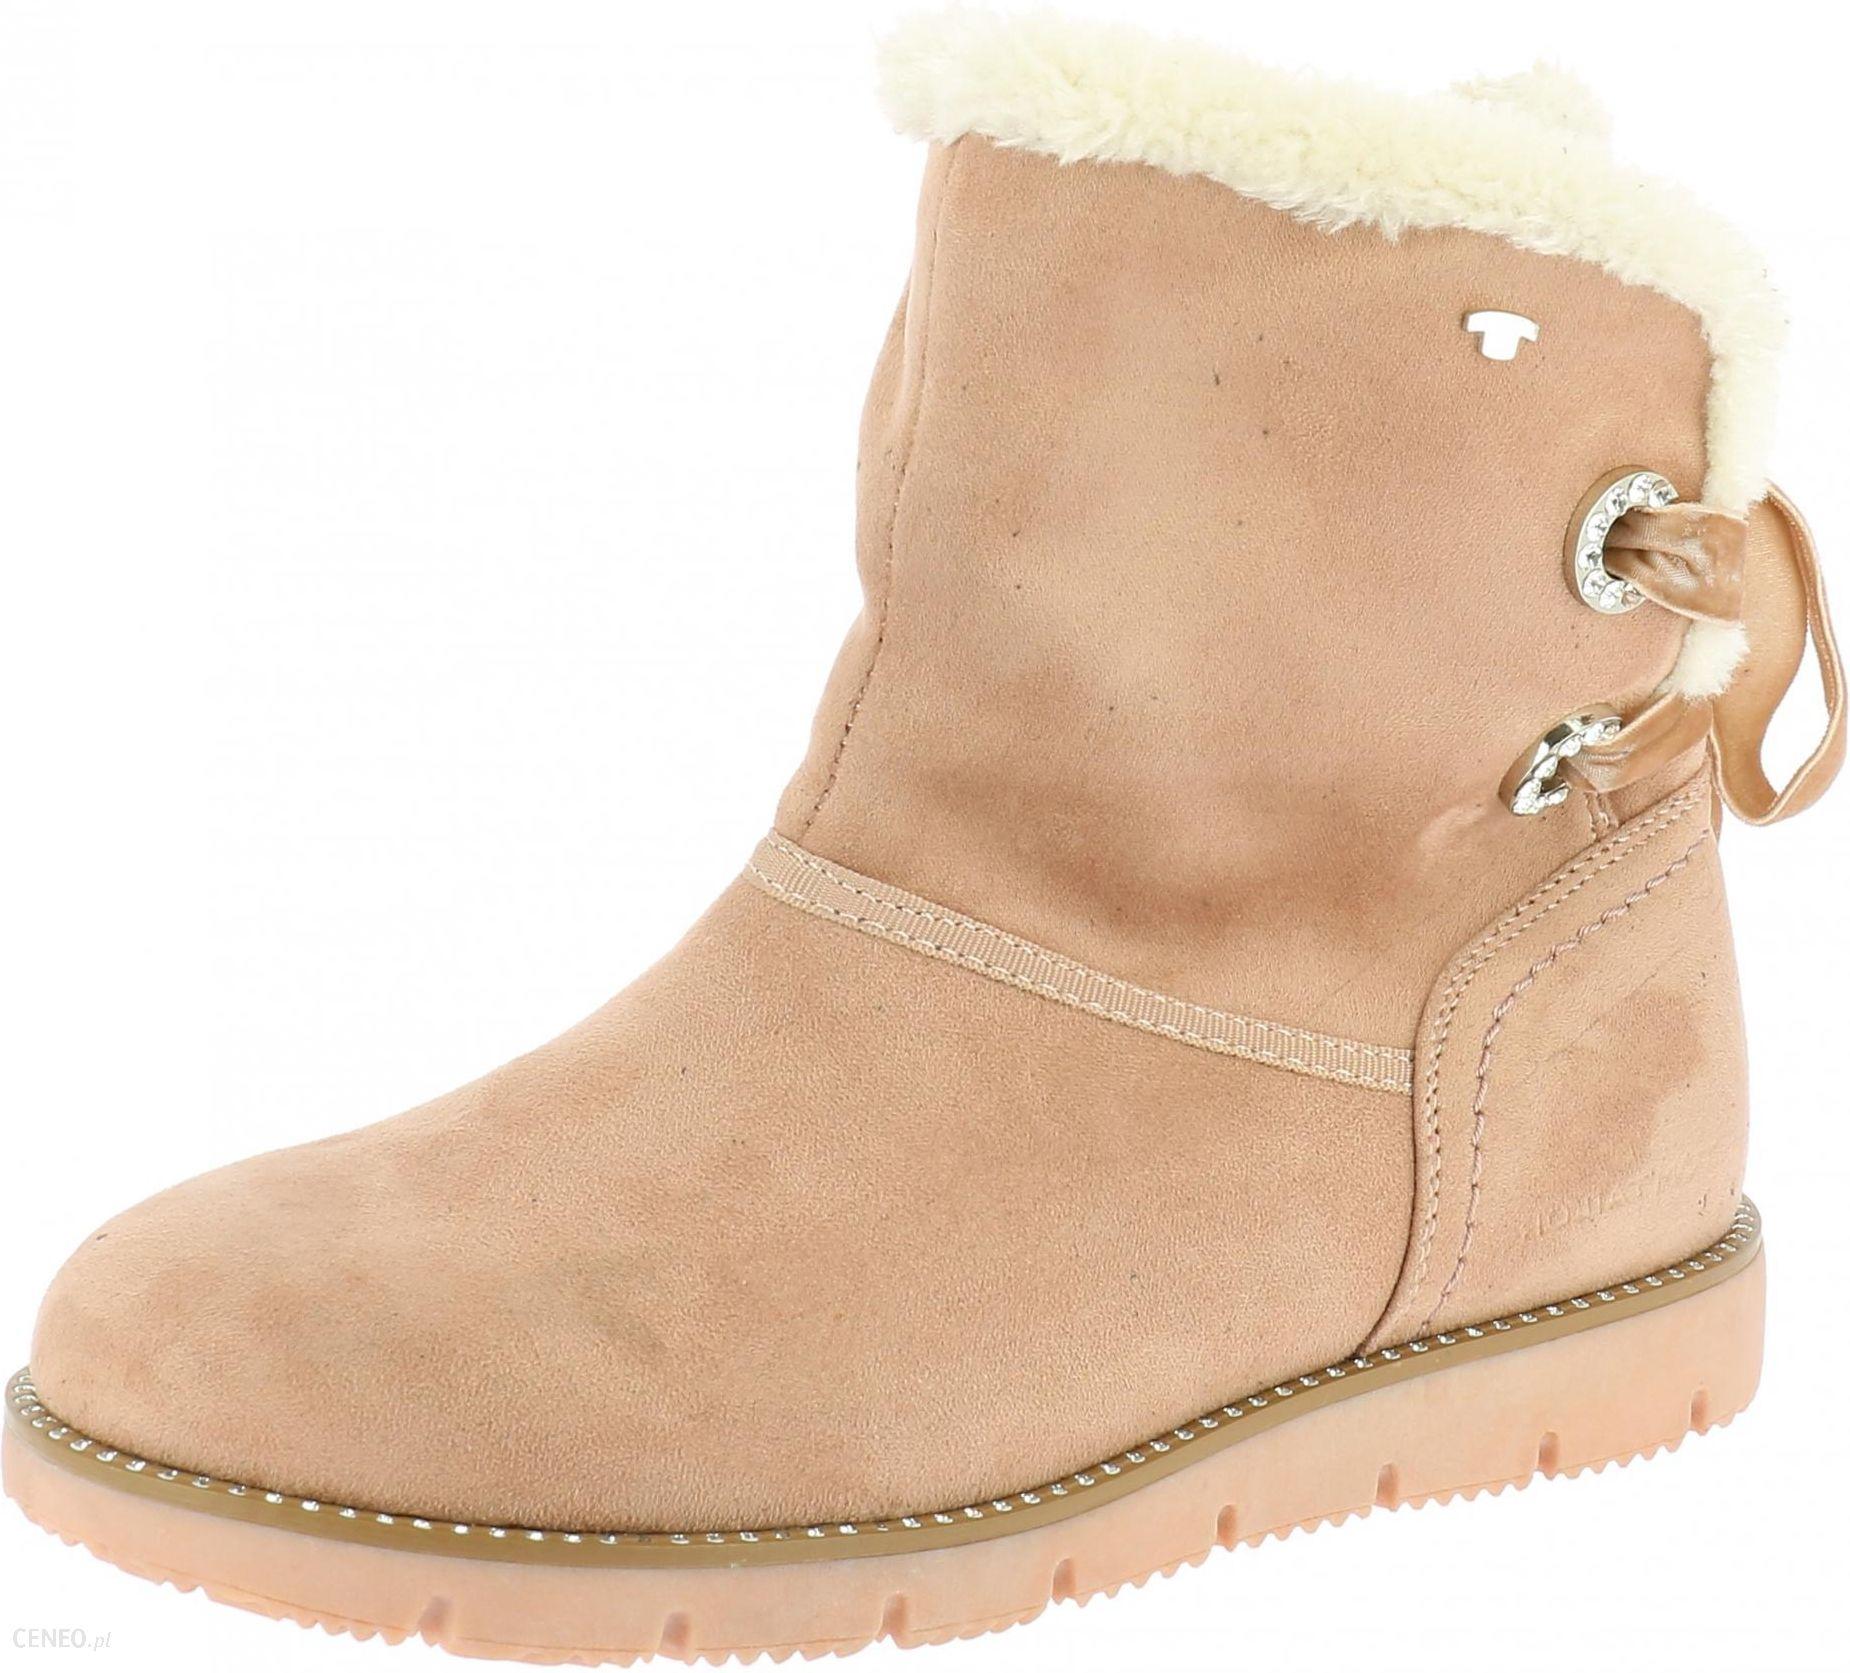 8a44c8b4f55810 Tom Tailor buty zimowe damskie 41 różowy - Ceny i opinie - Ceneo.pl